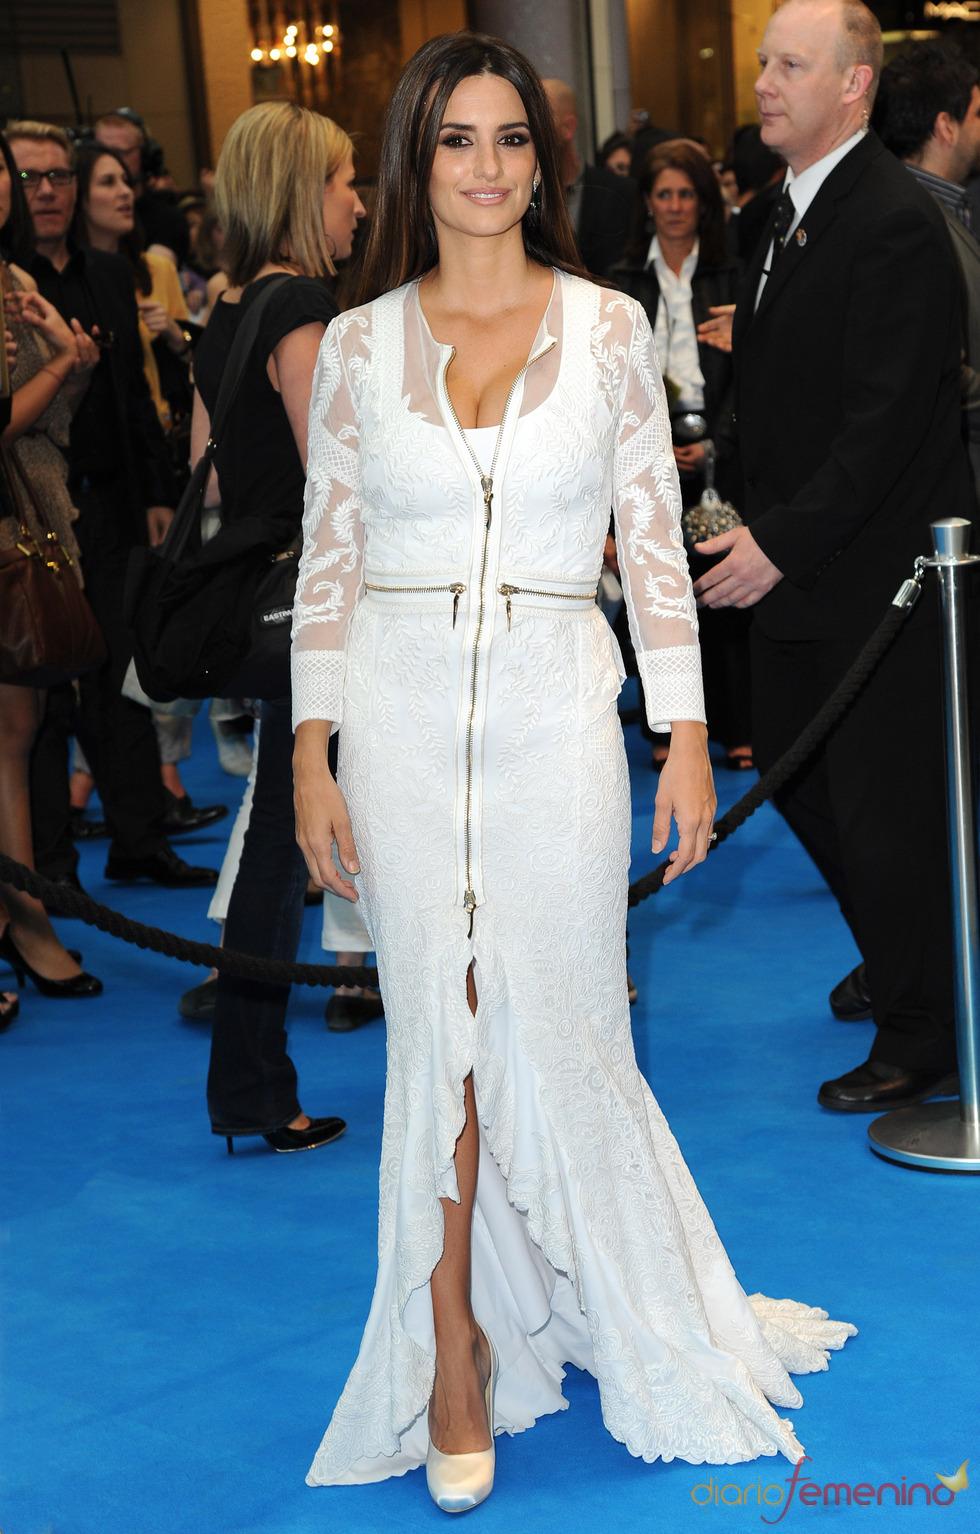 Penélope Cruz posa en la alfombra roja de la premiere de 'Piratas del Caribe 4' en Londres